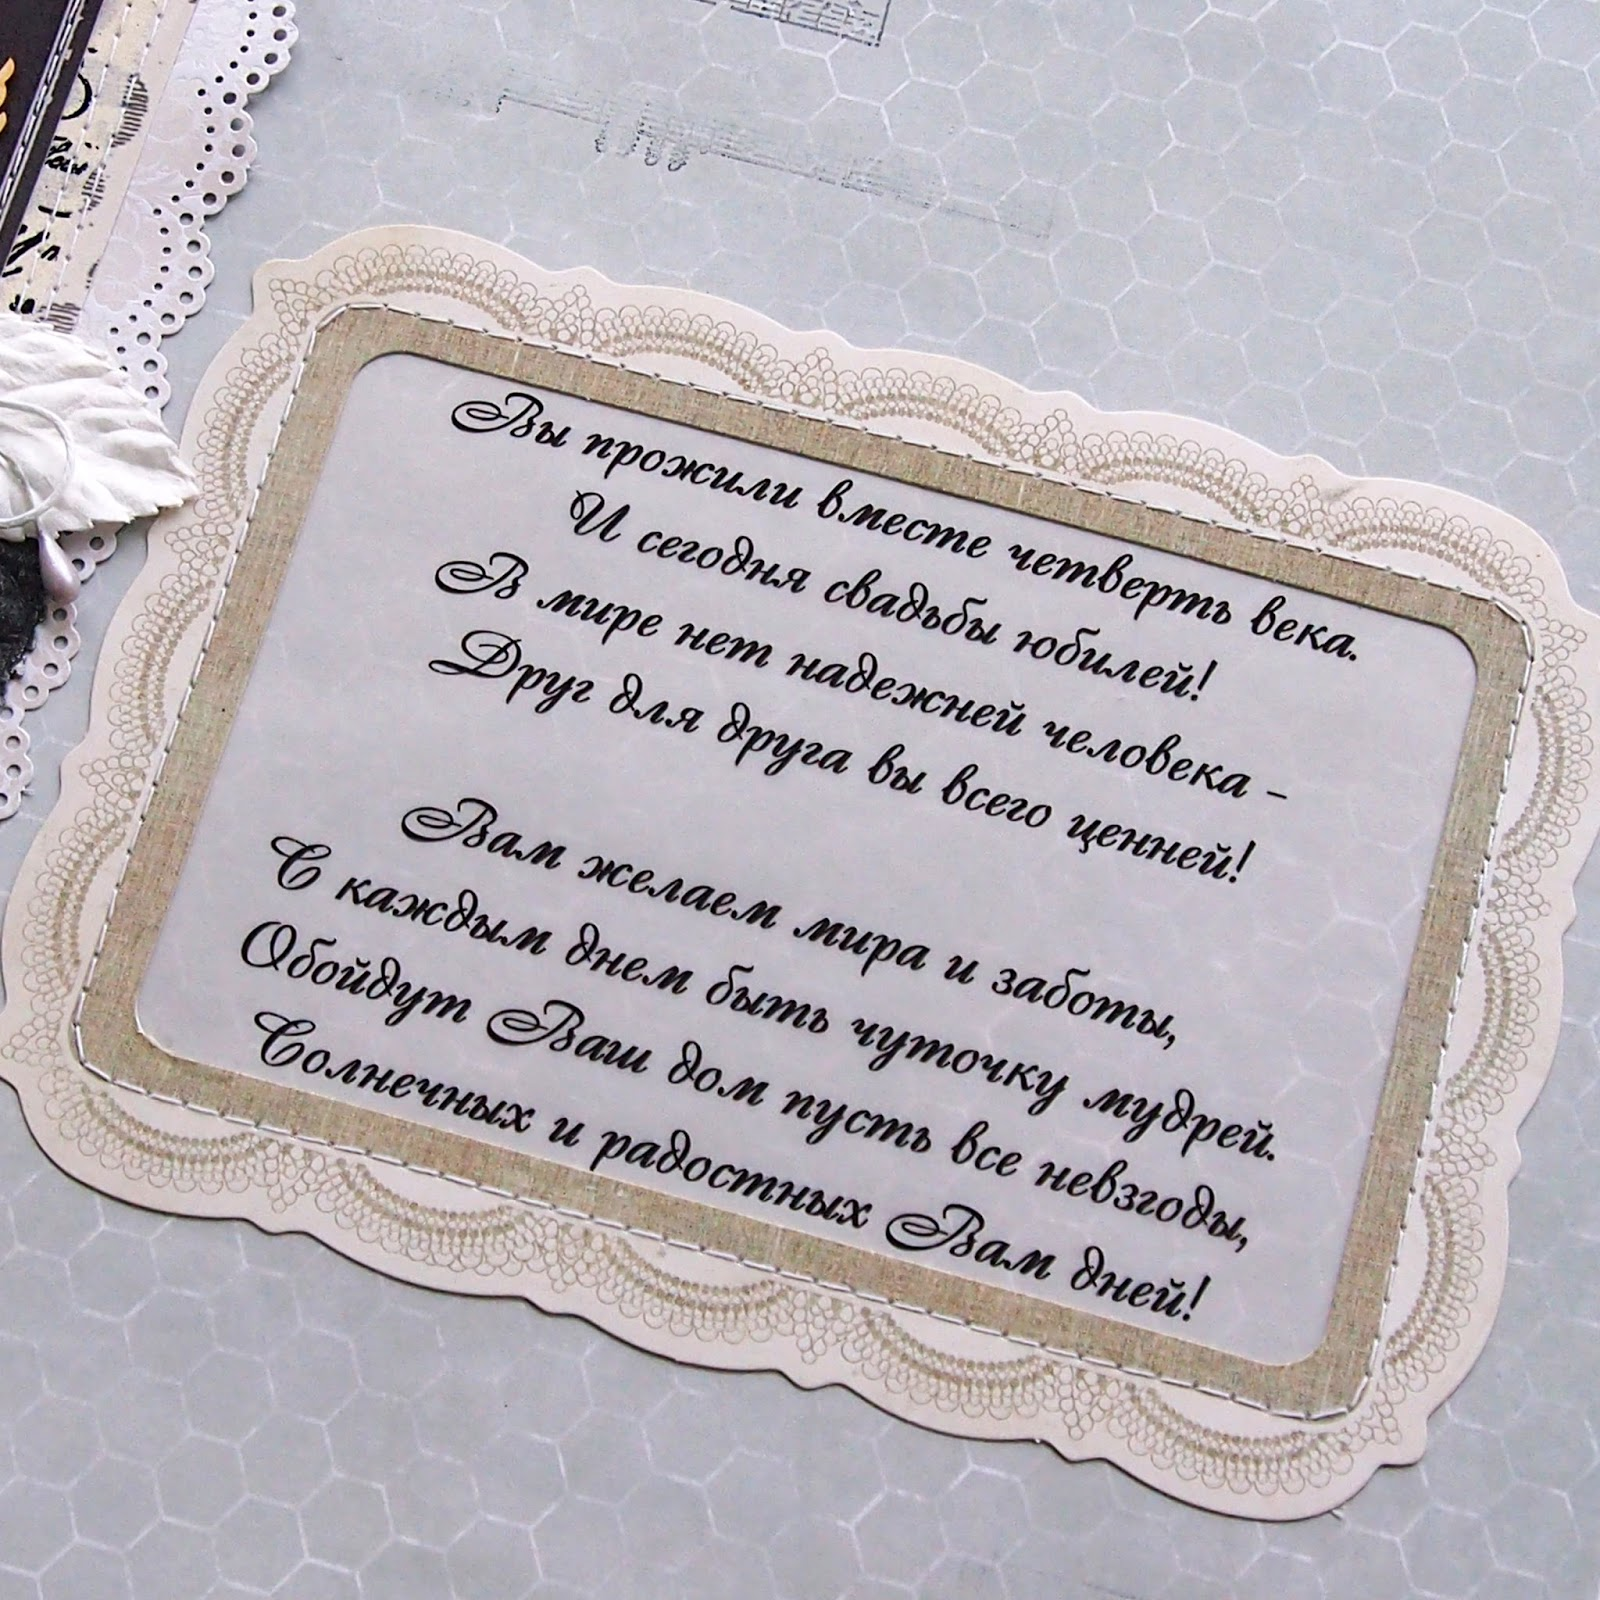 Поздравления мужу на 11 лет свадьбы (Стальная свадьба) 77